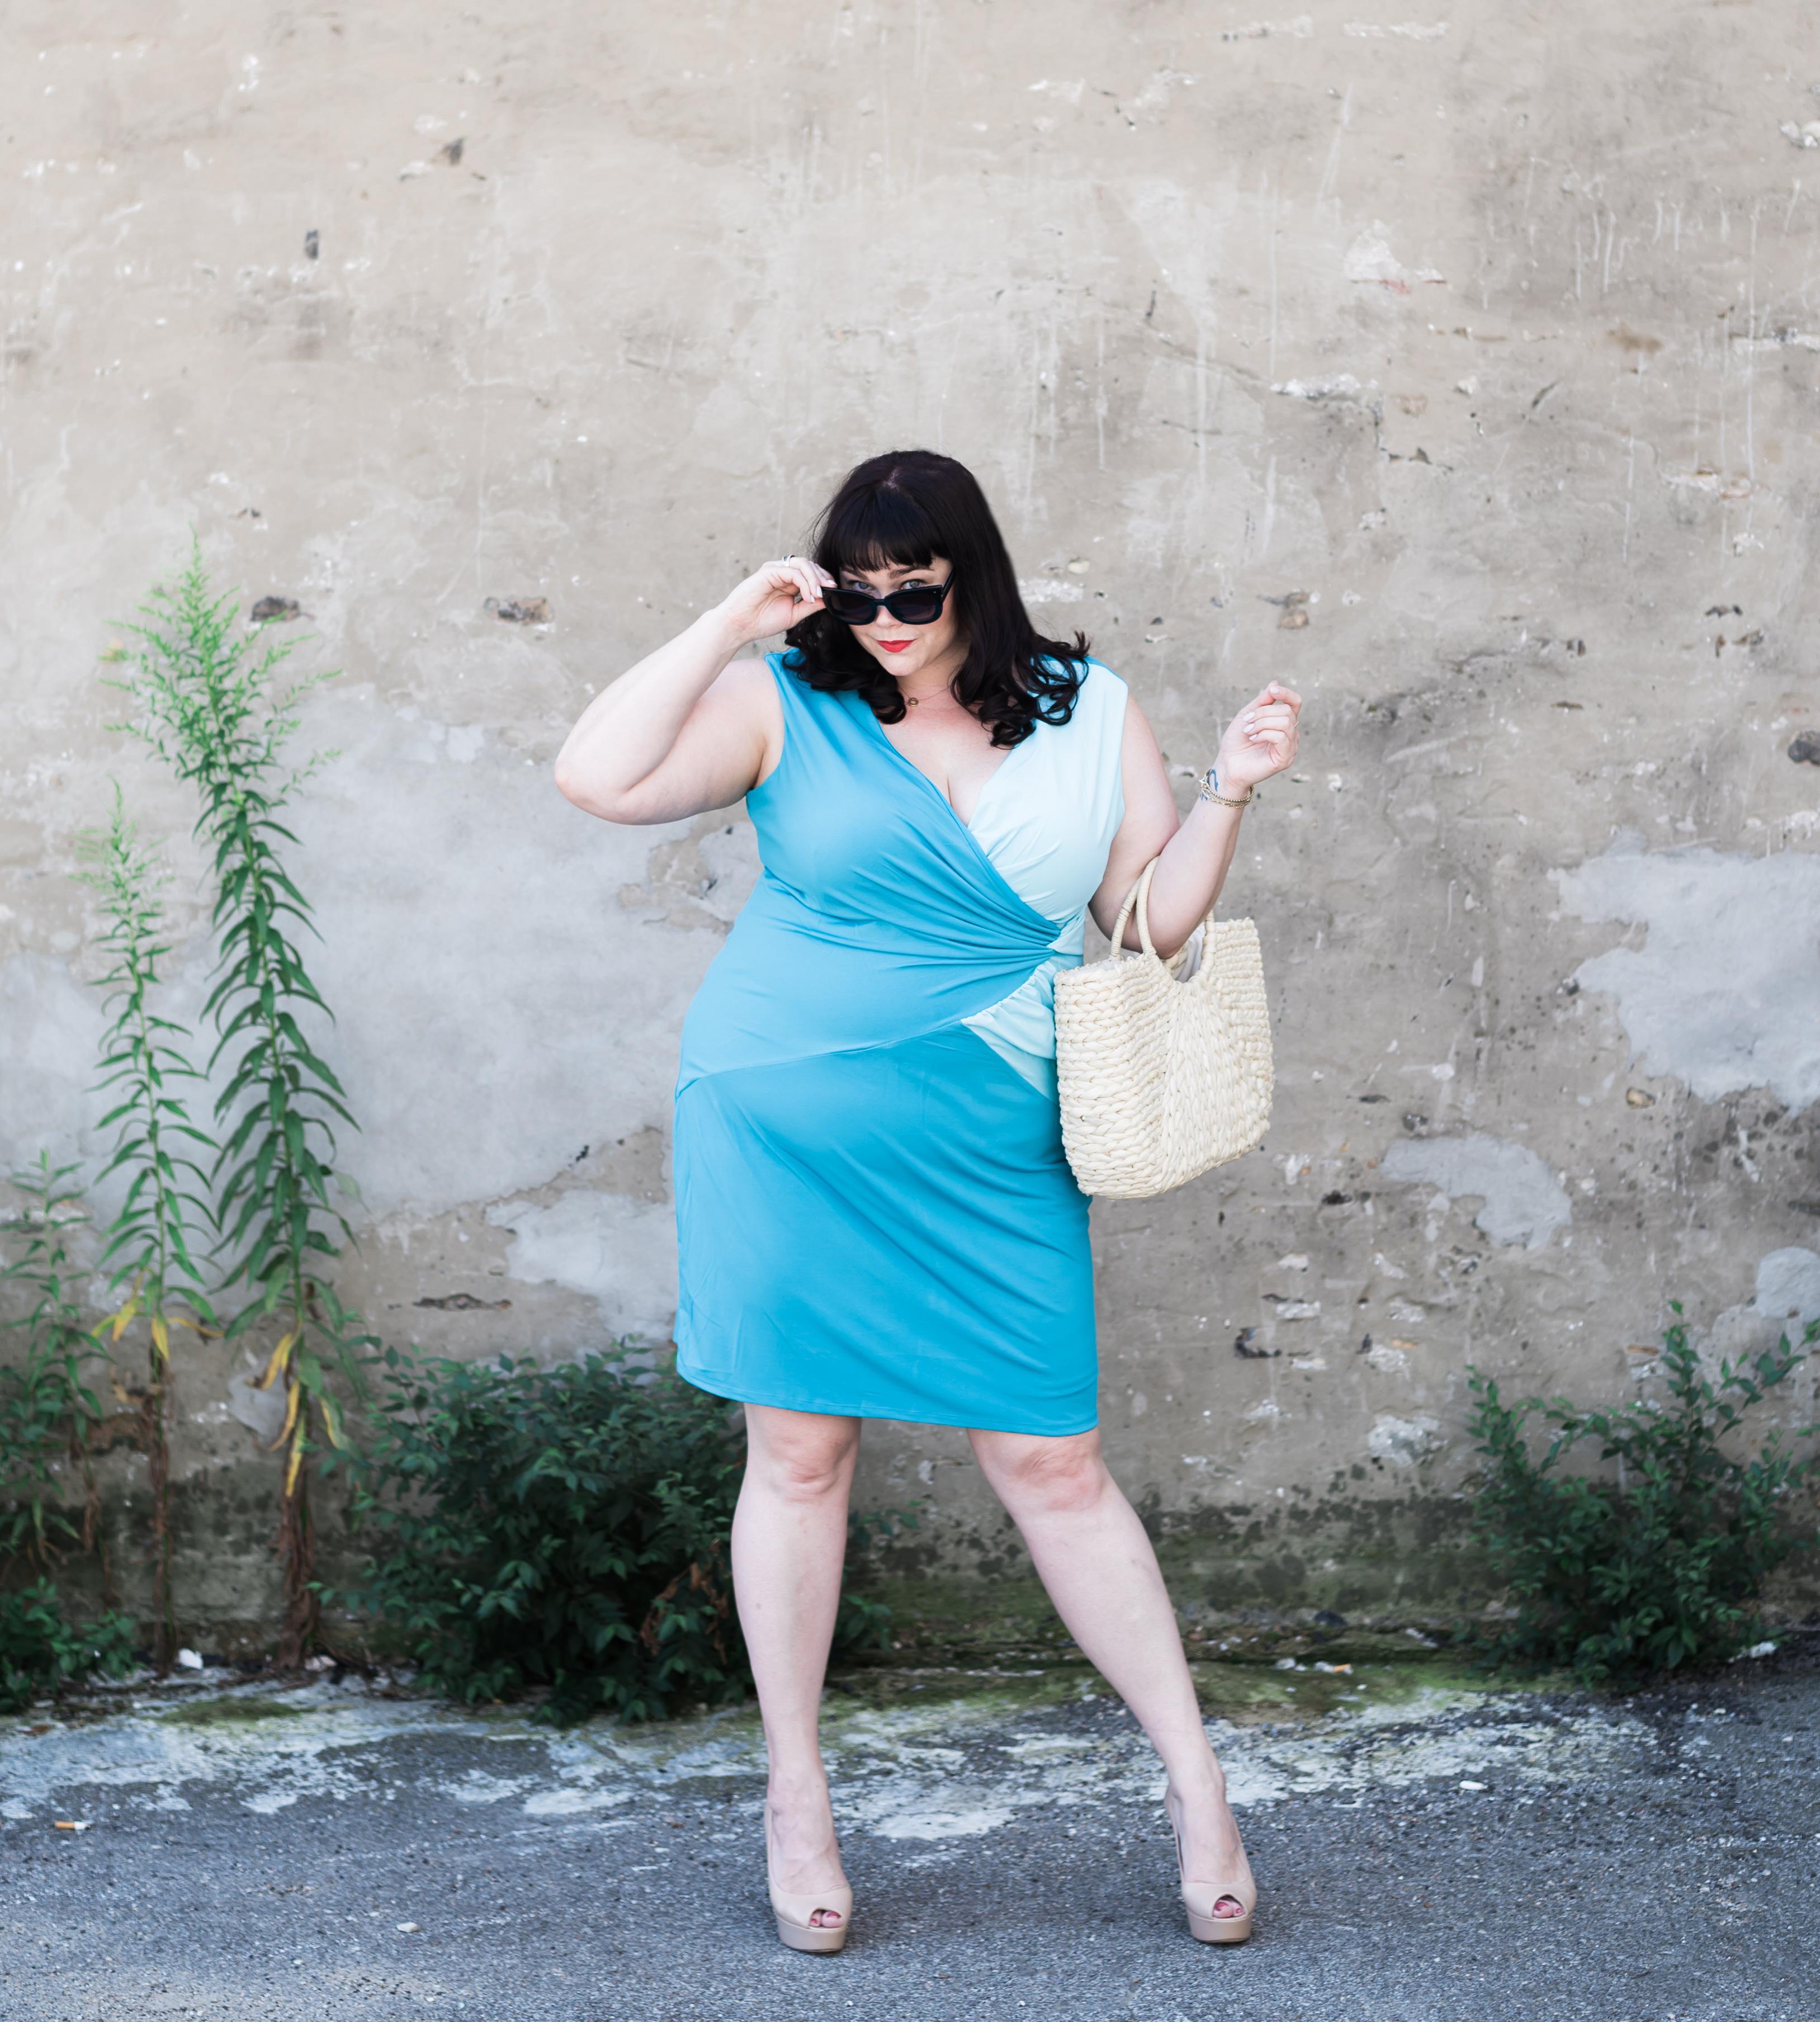 Gwynnie Bee Closet Haul, Style Plus Curves, Chicago Blogger, Chicago Plus Size Blogger, Plus Size Blogger, Amber McCulloch, Gwynnie Bee, Land Curve by Dora Landa, Teal Dress, Plus size dress